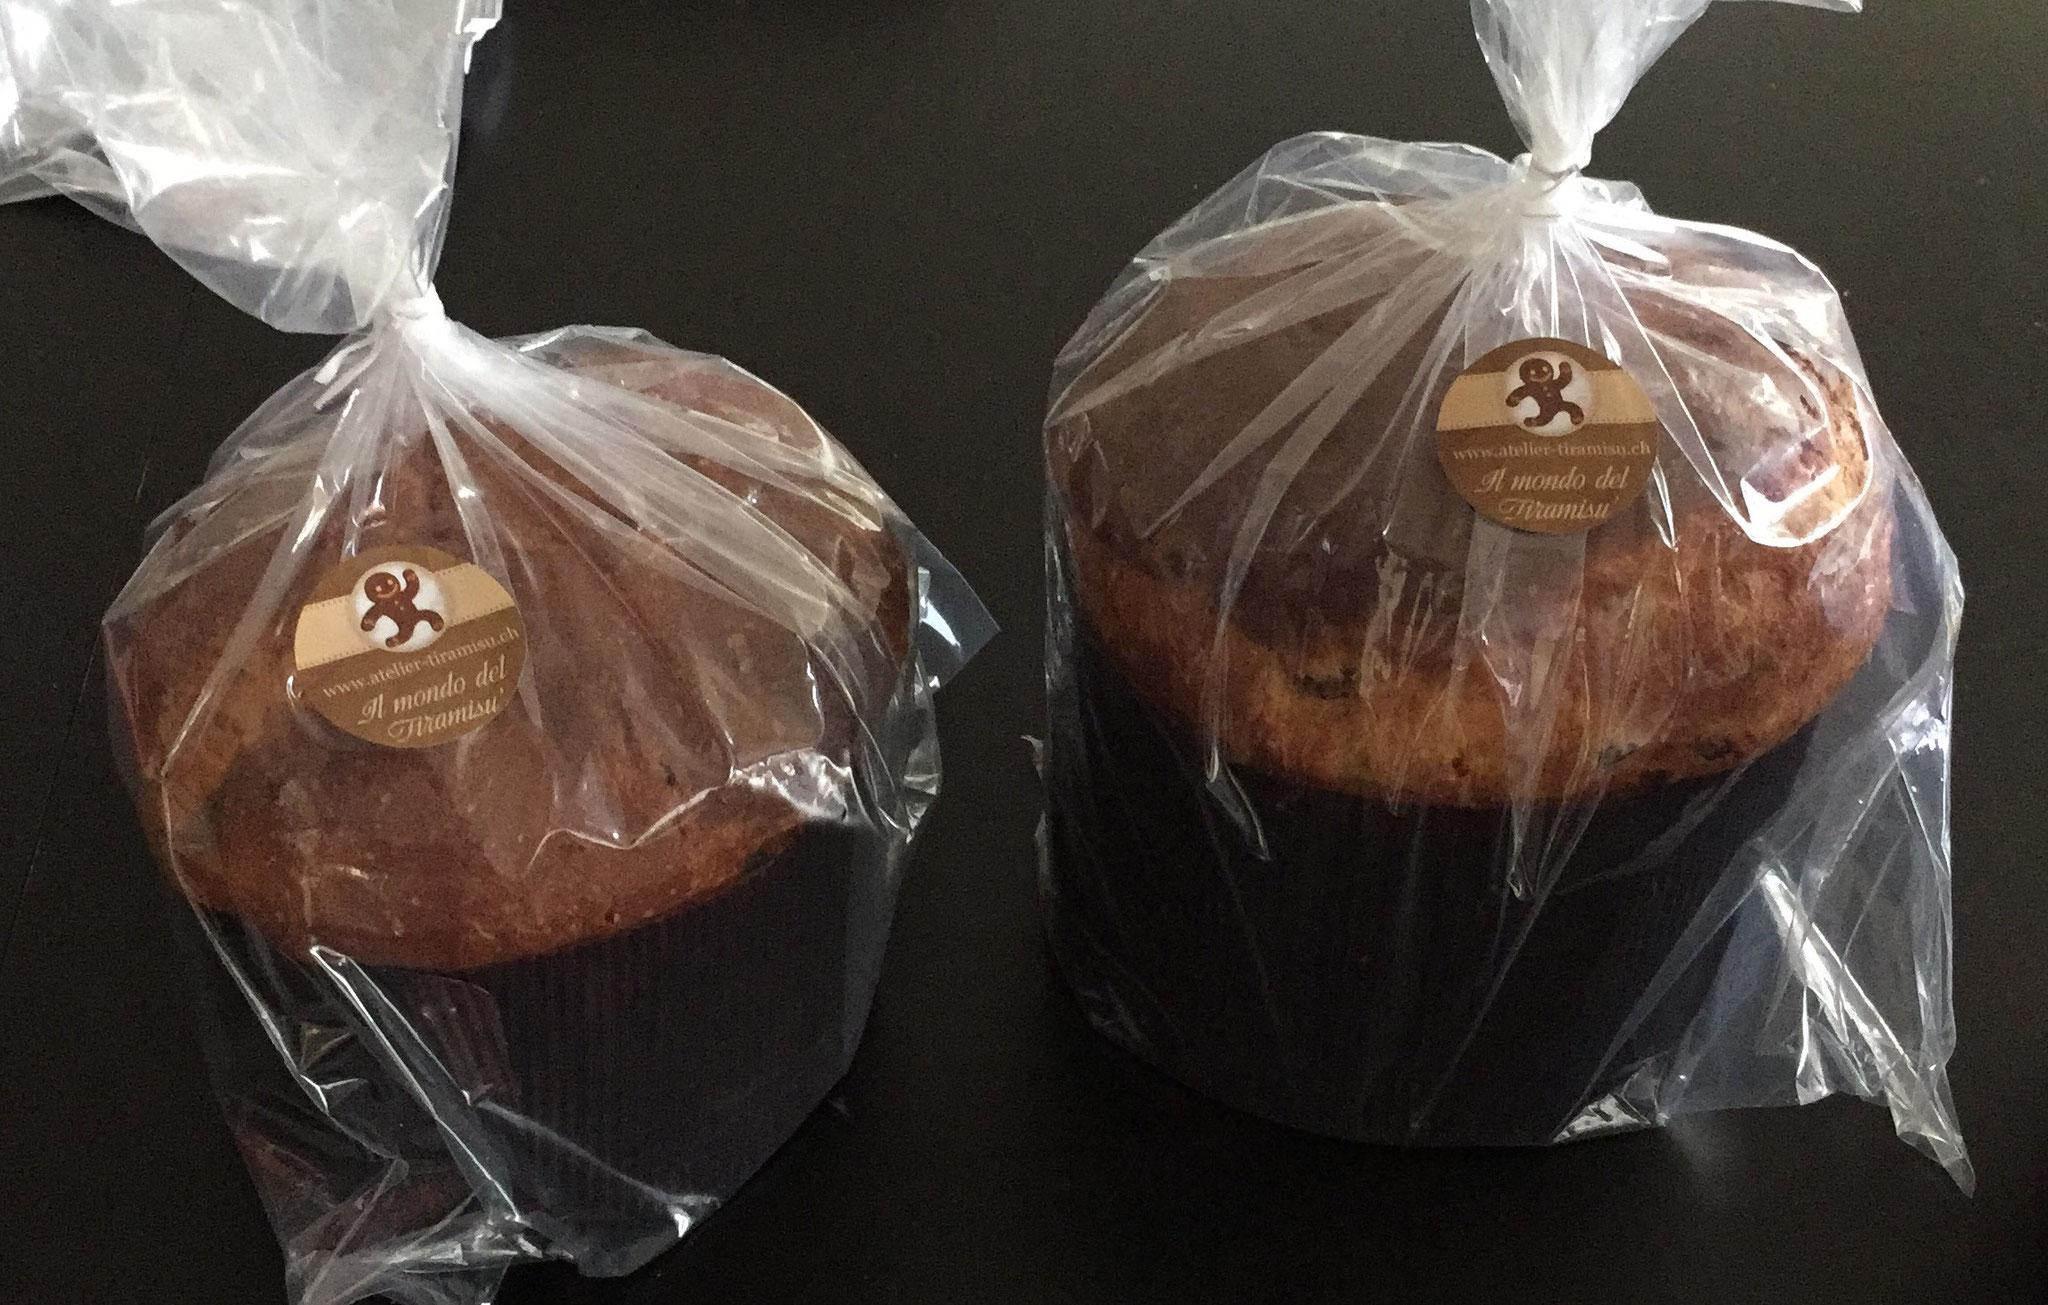 Panettone 3 Variante: Sultaninen, Schokoladen, kandierte Früchte - 38 Chf / Kg